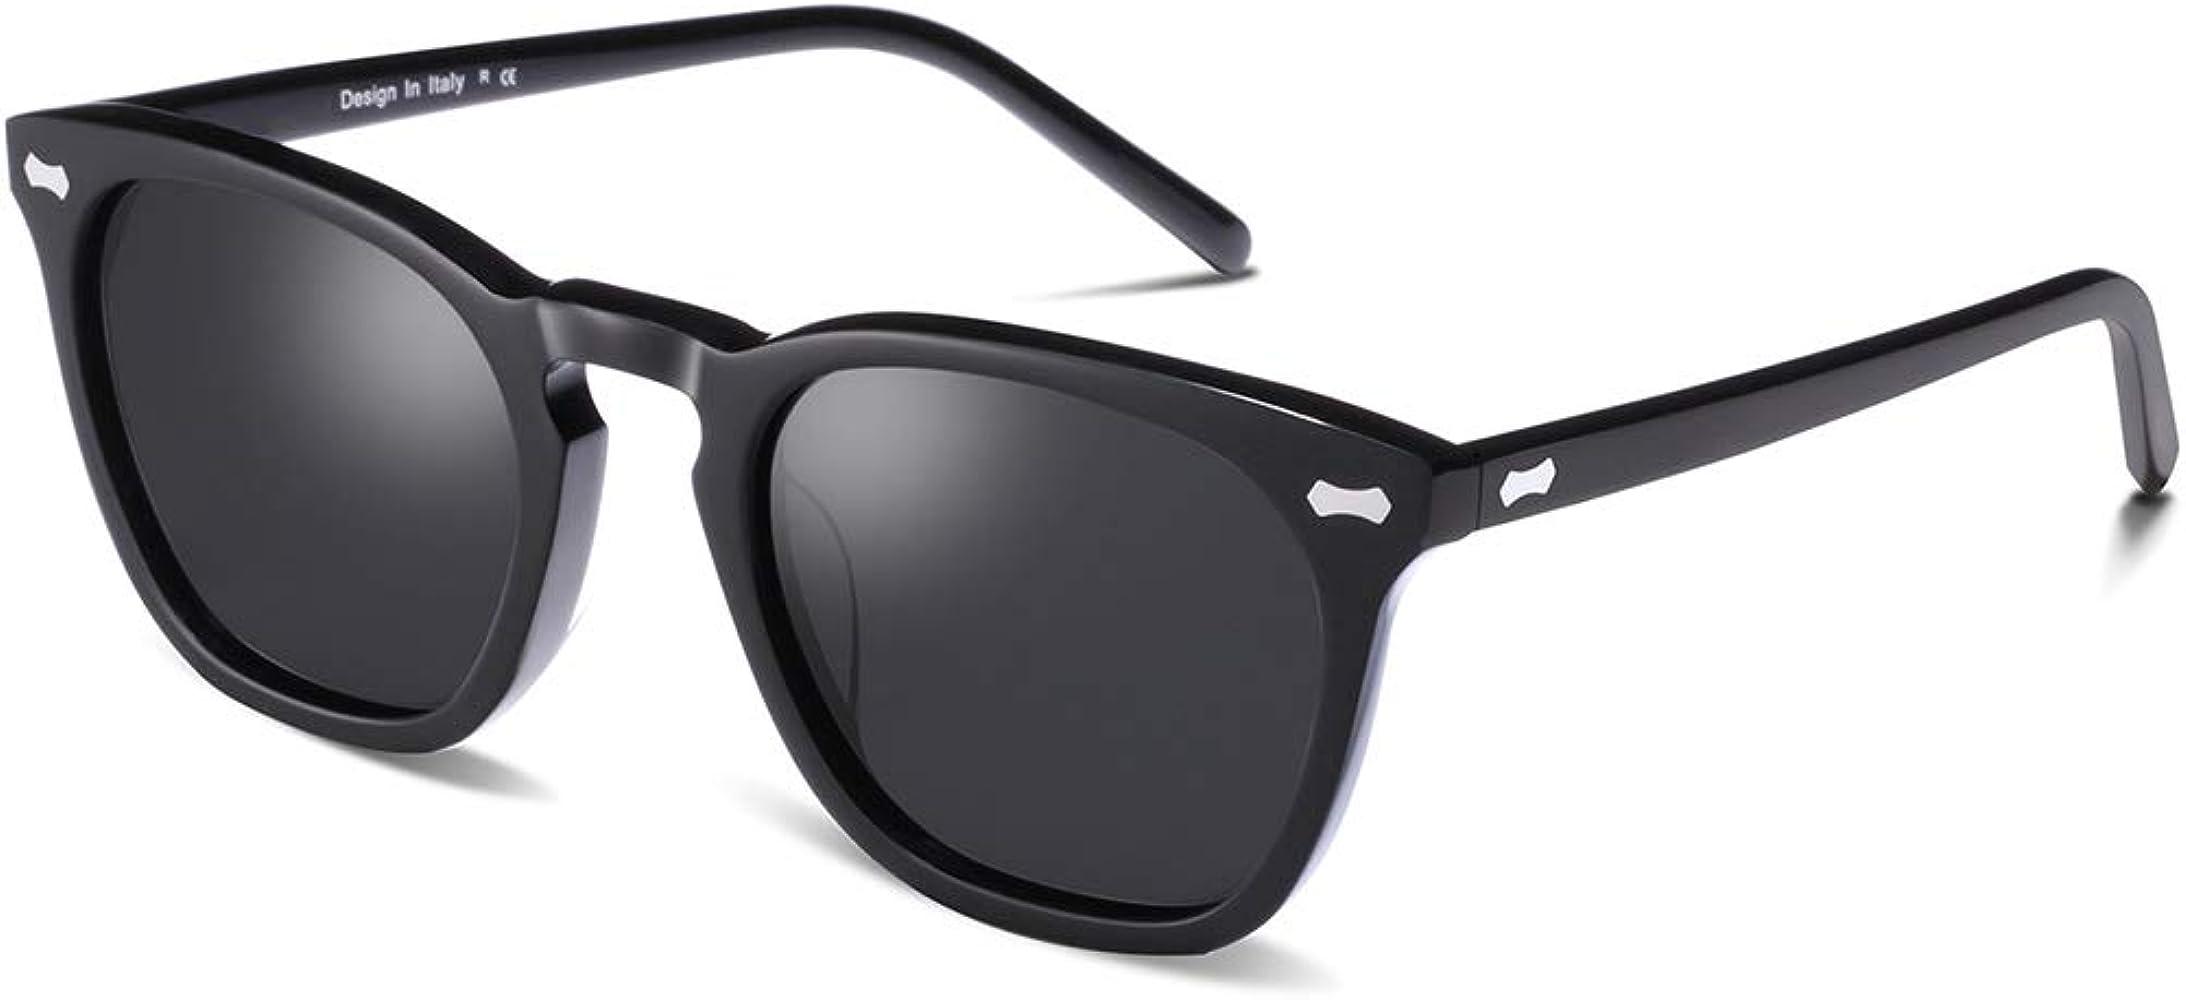 Carfia Vintage Polarizadas Gafas de Sol Mujer Hombre UV400 ...